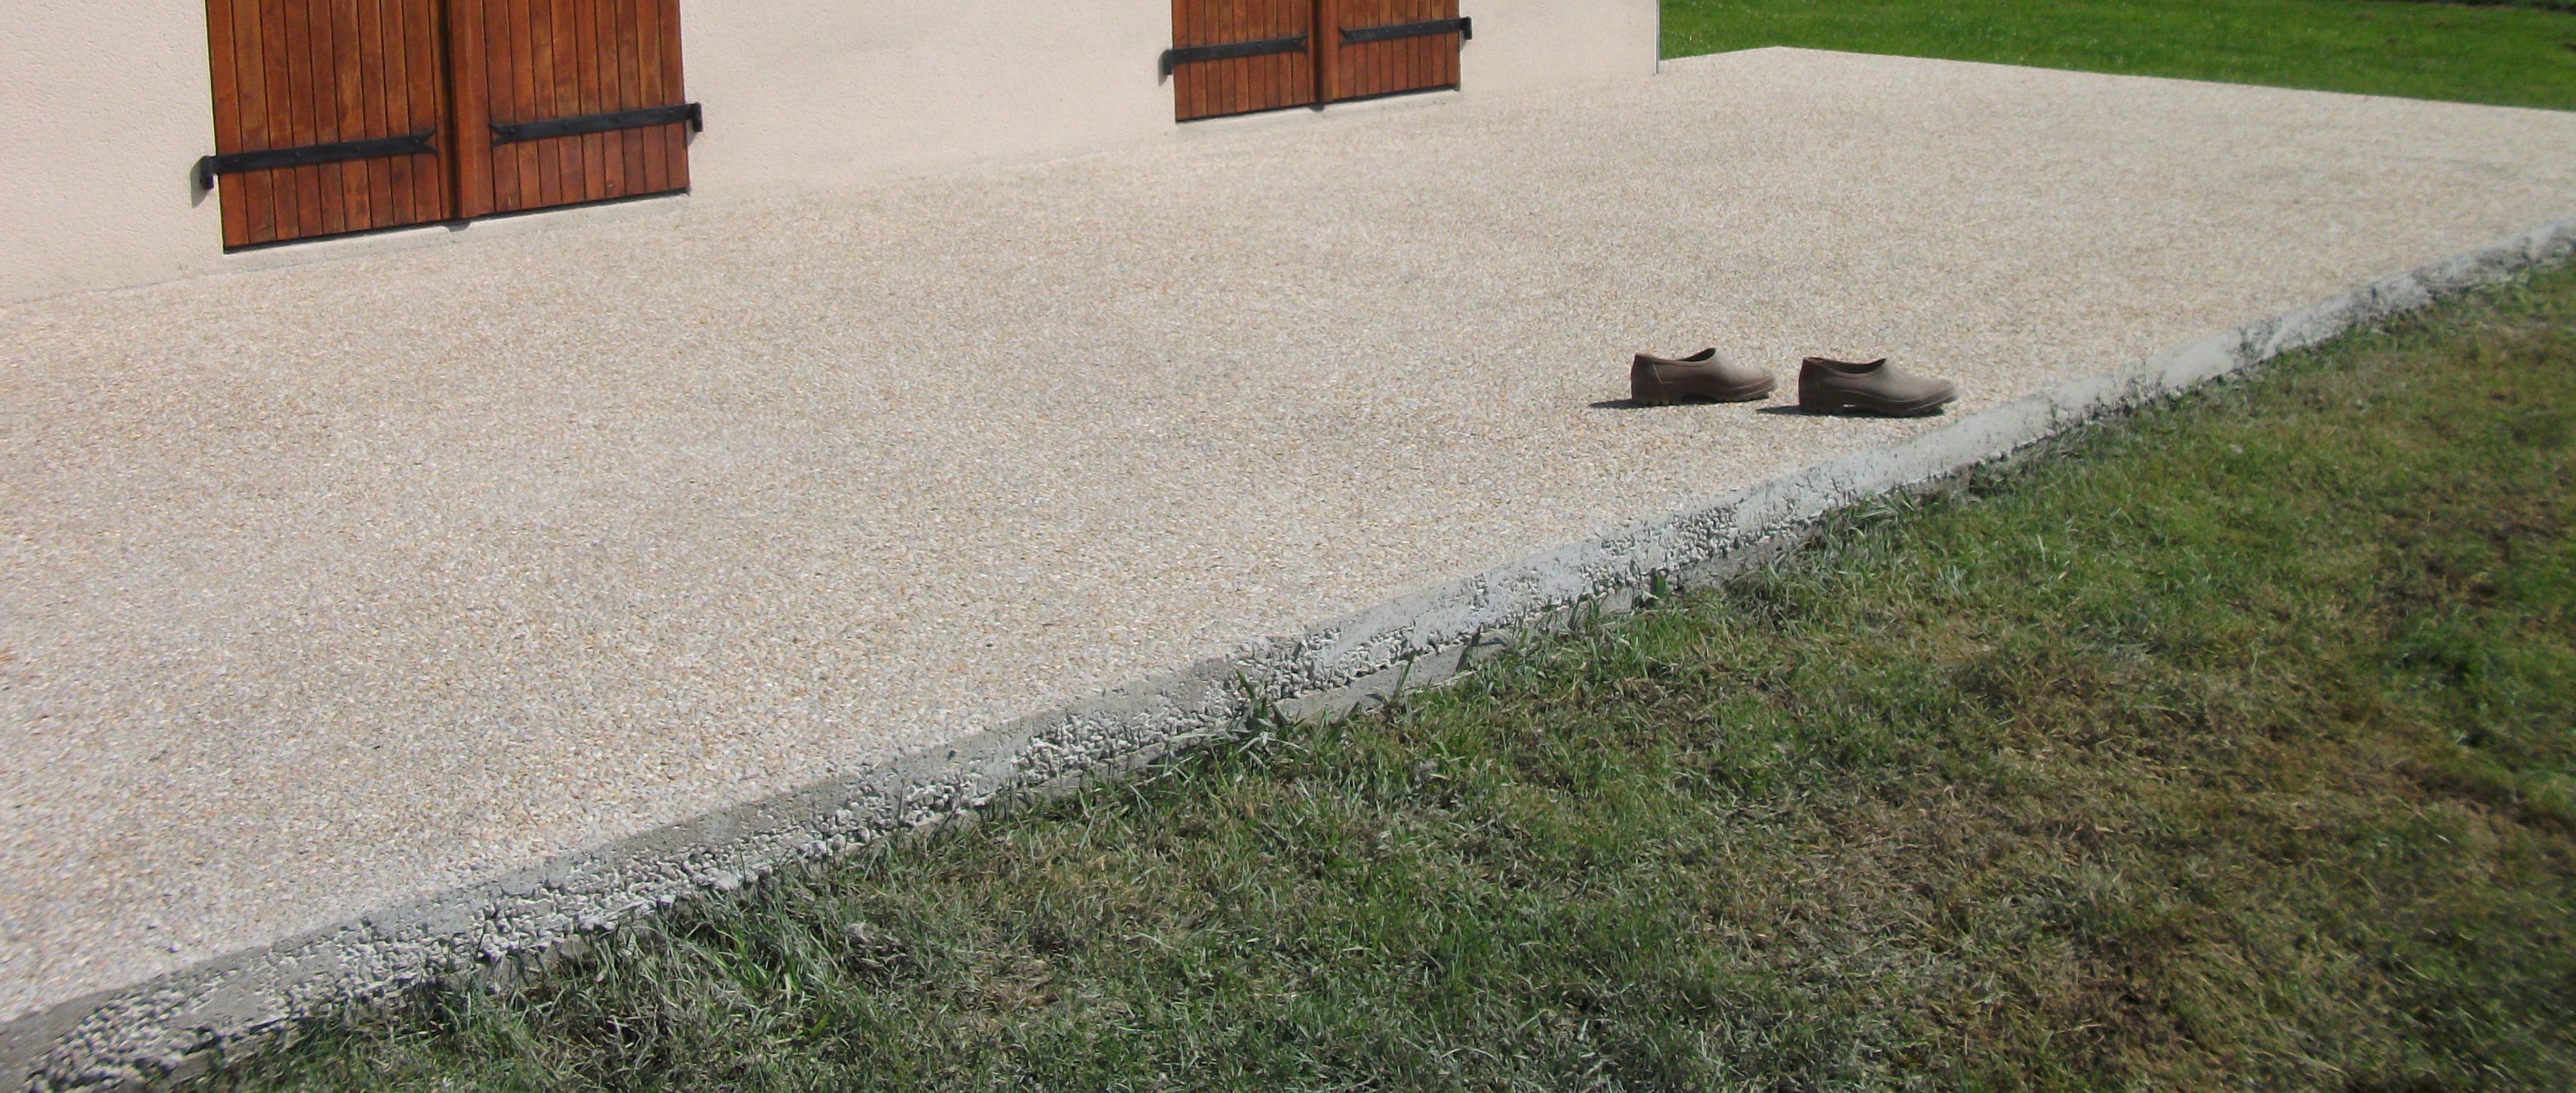 Monter mur parpaing sur dalle béton